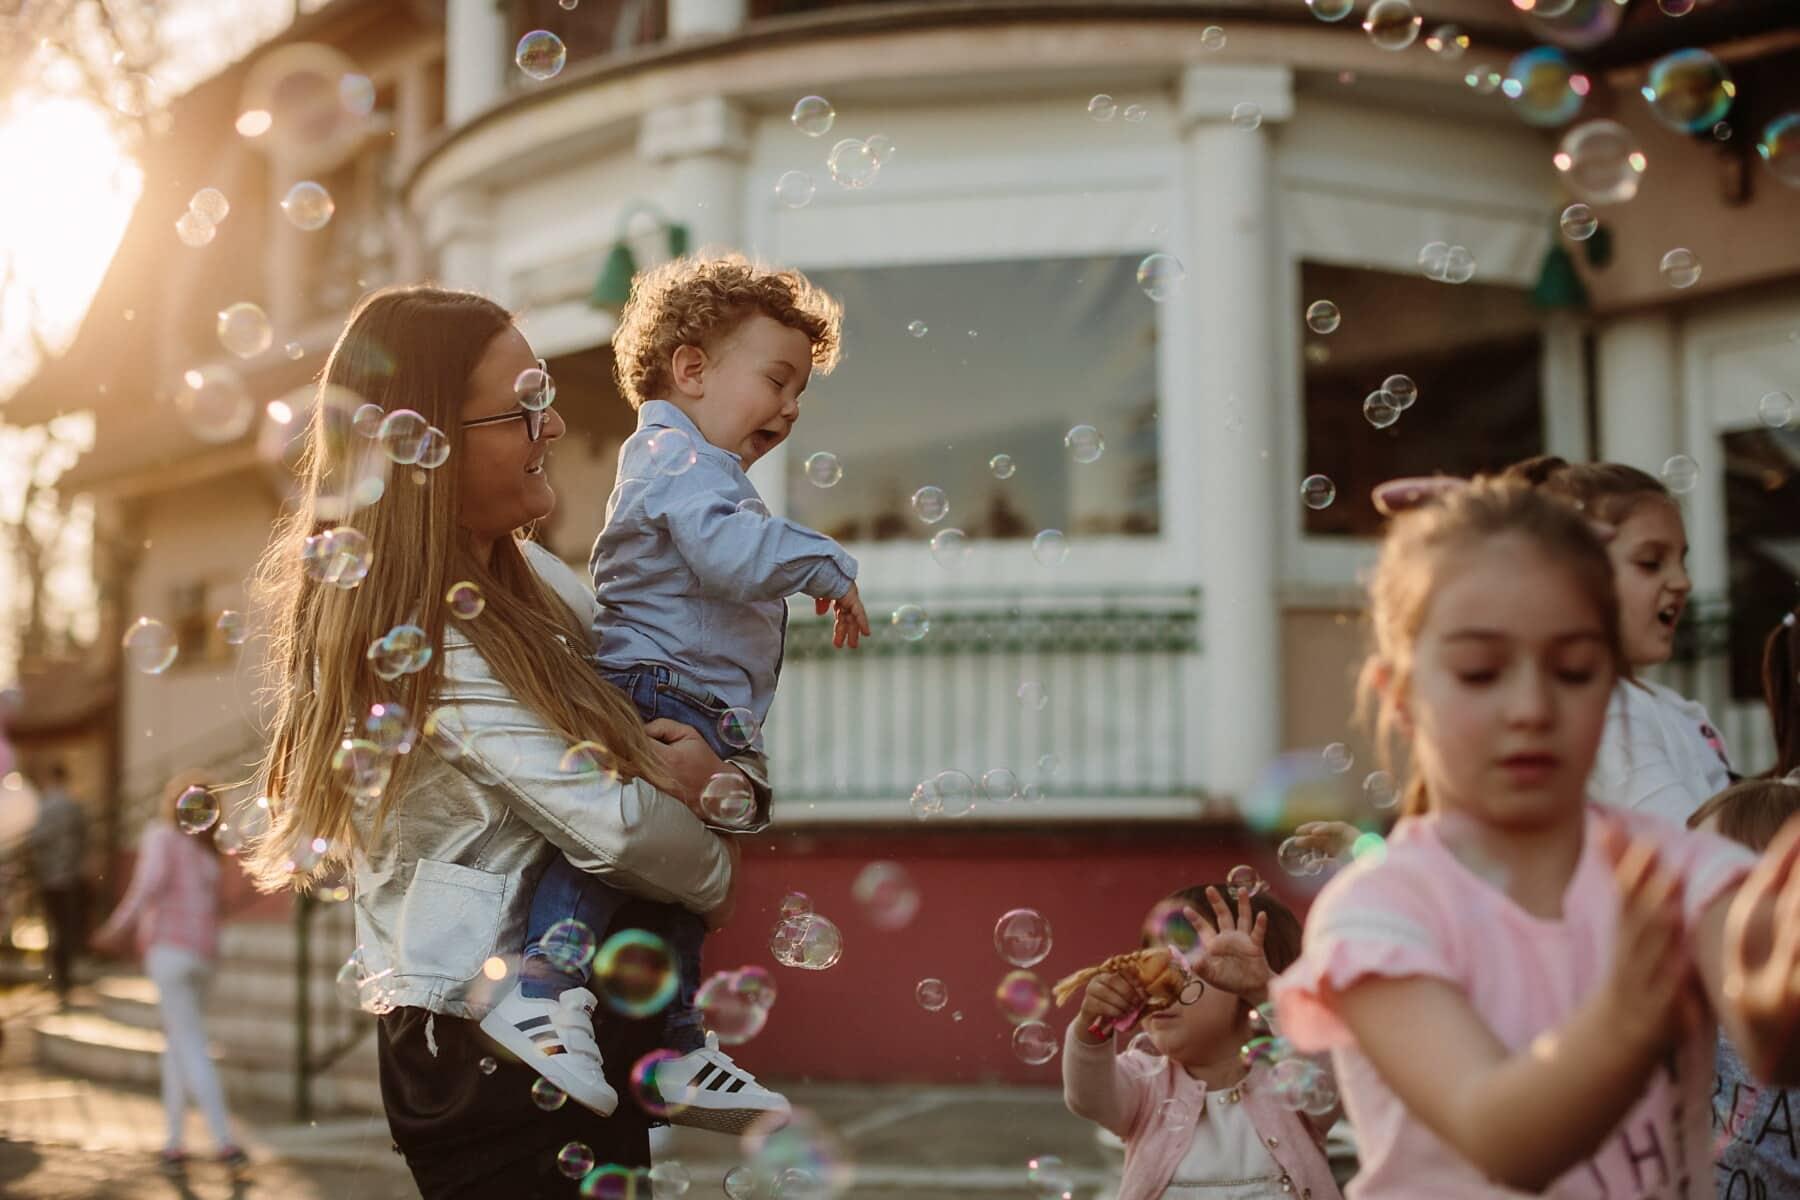 малыш, партия, детские, мать, детство, день рождения, безделушка, пользование, родительство, ребенок